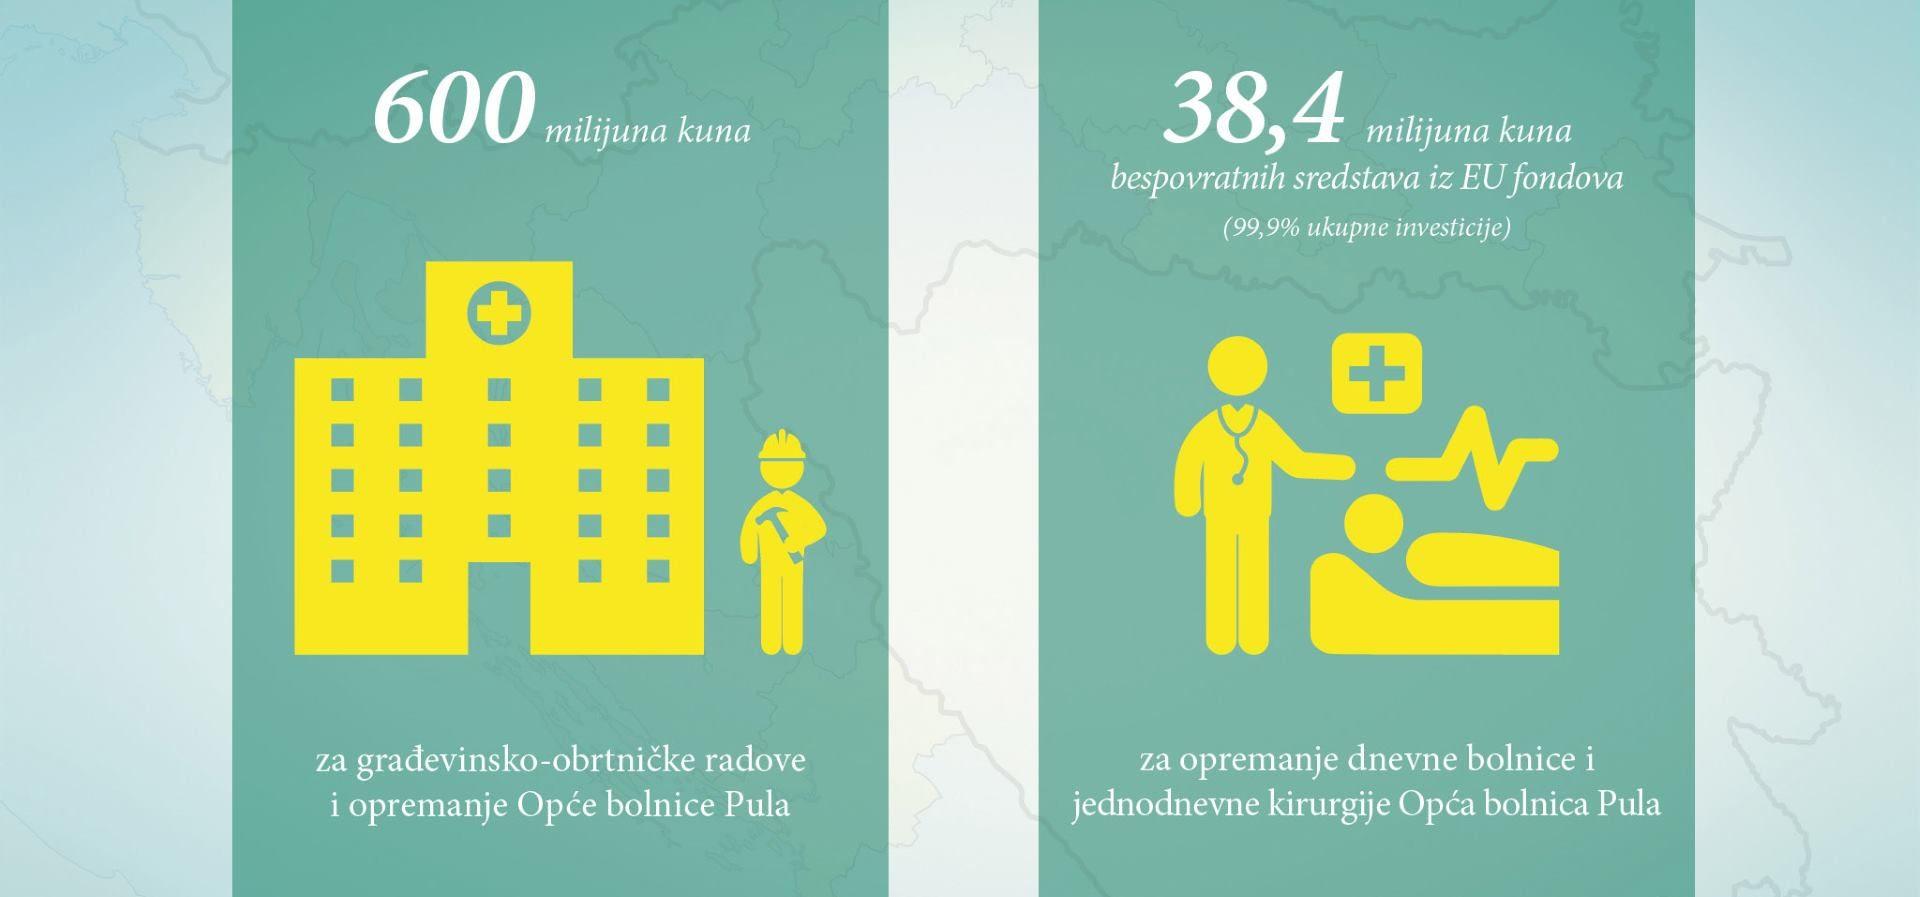 Opća bolnica Pula najznačajniji je projekt Istarske županije u posljednje vrijeme